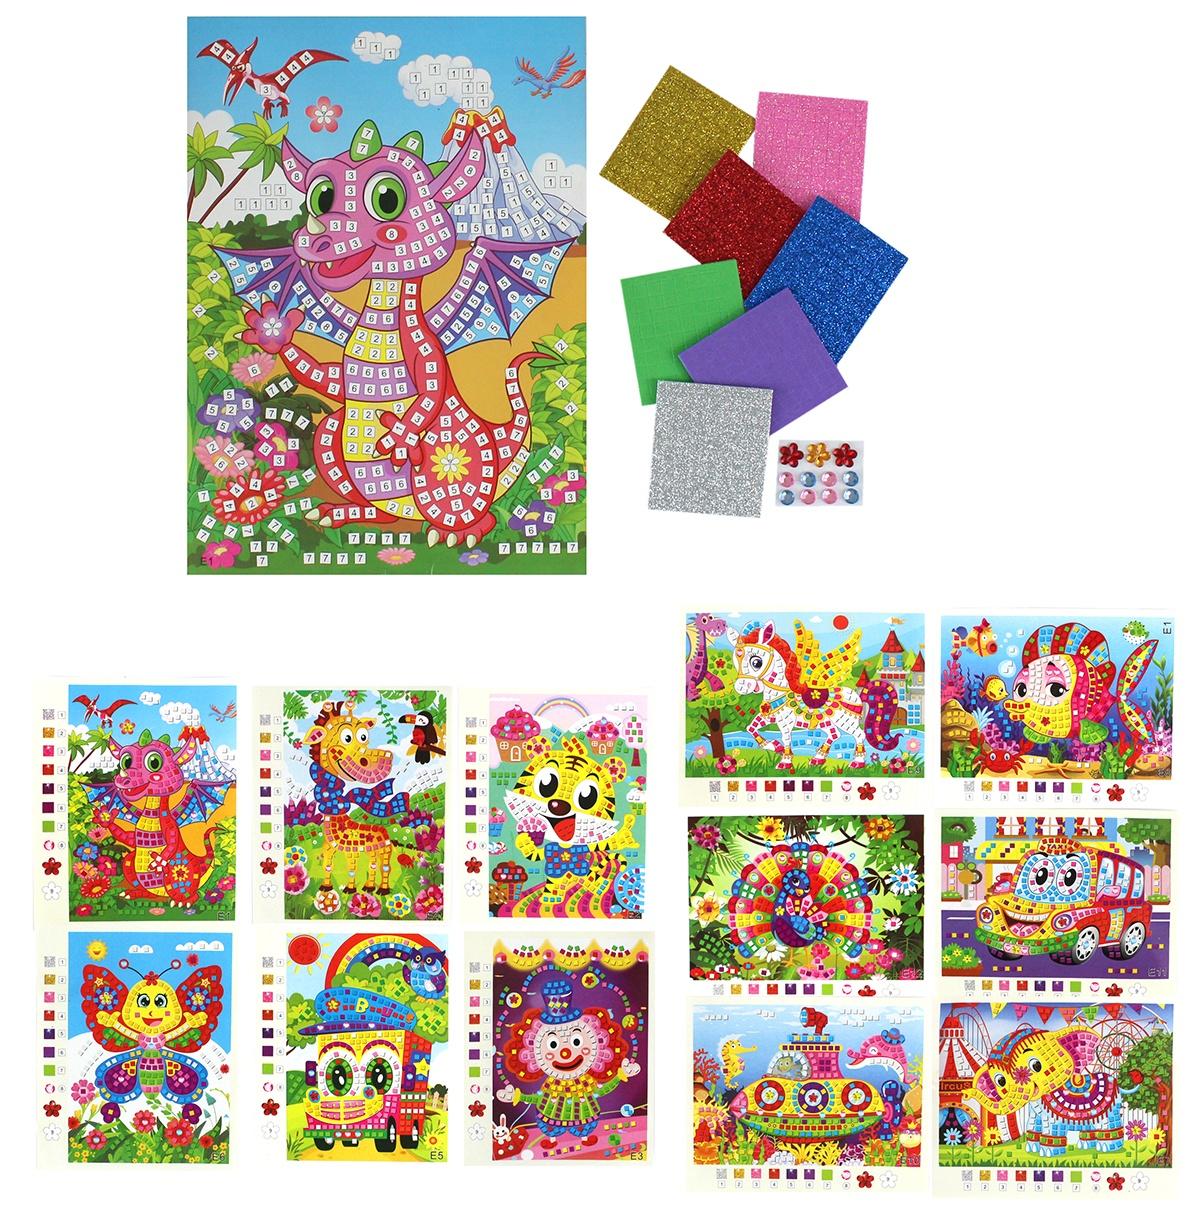 Mosaikbildchen DIY mehrfach sortiert - ca 25,5x18,5cm